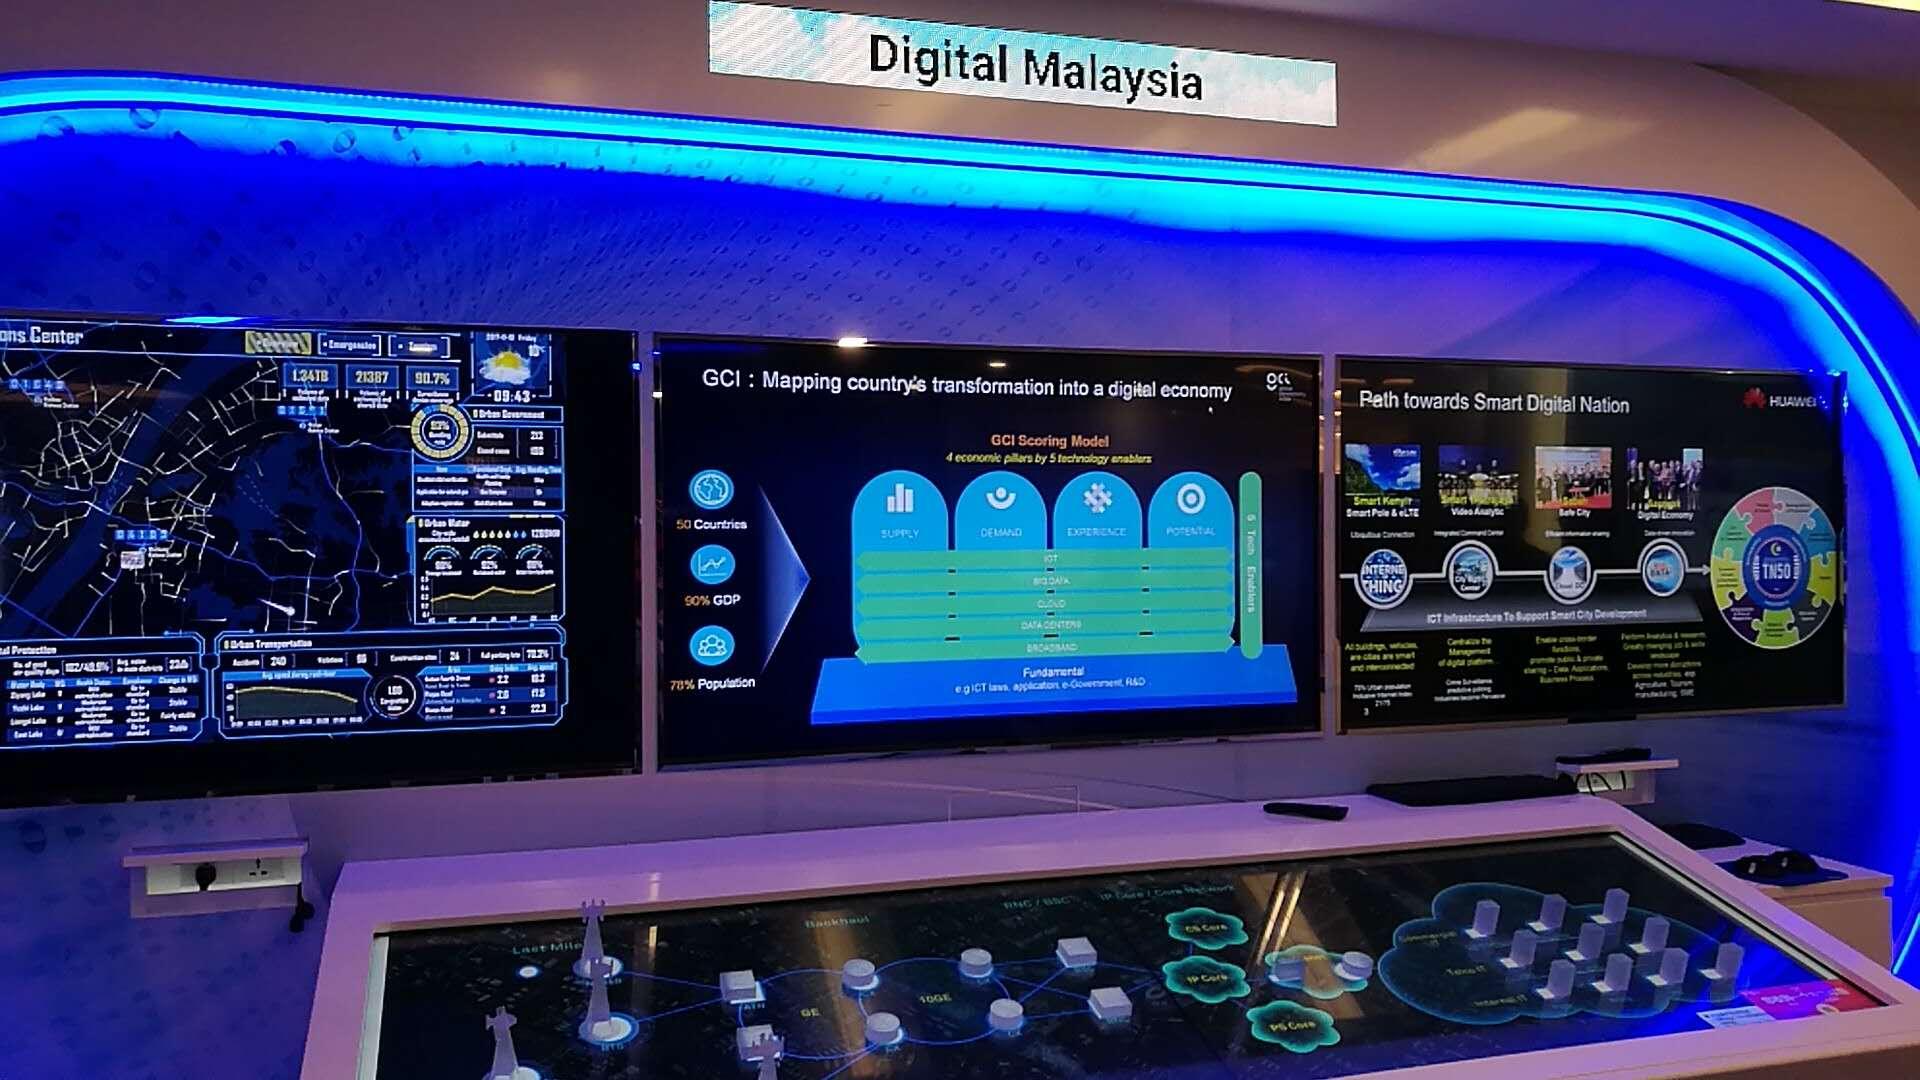 雷不撕现场:探访华为马来西亚客户解决方案中心